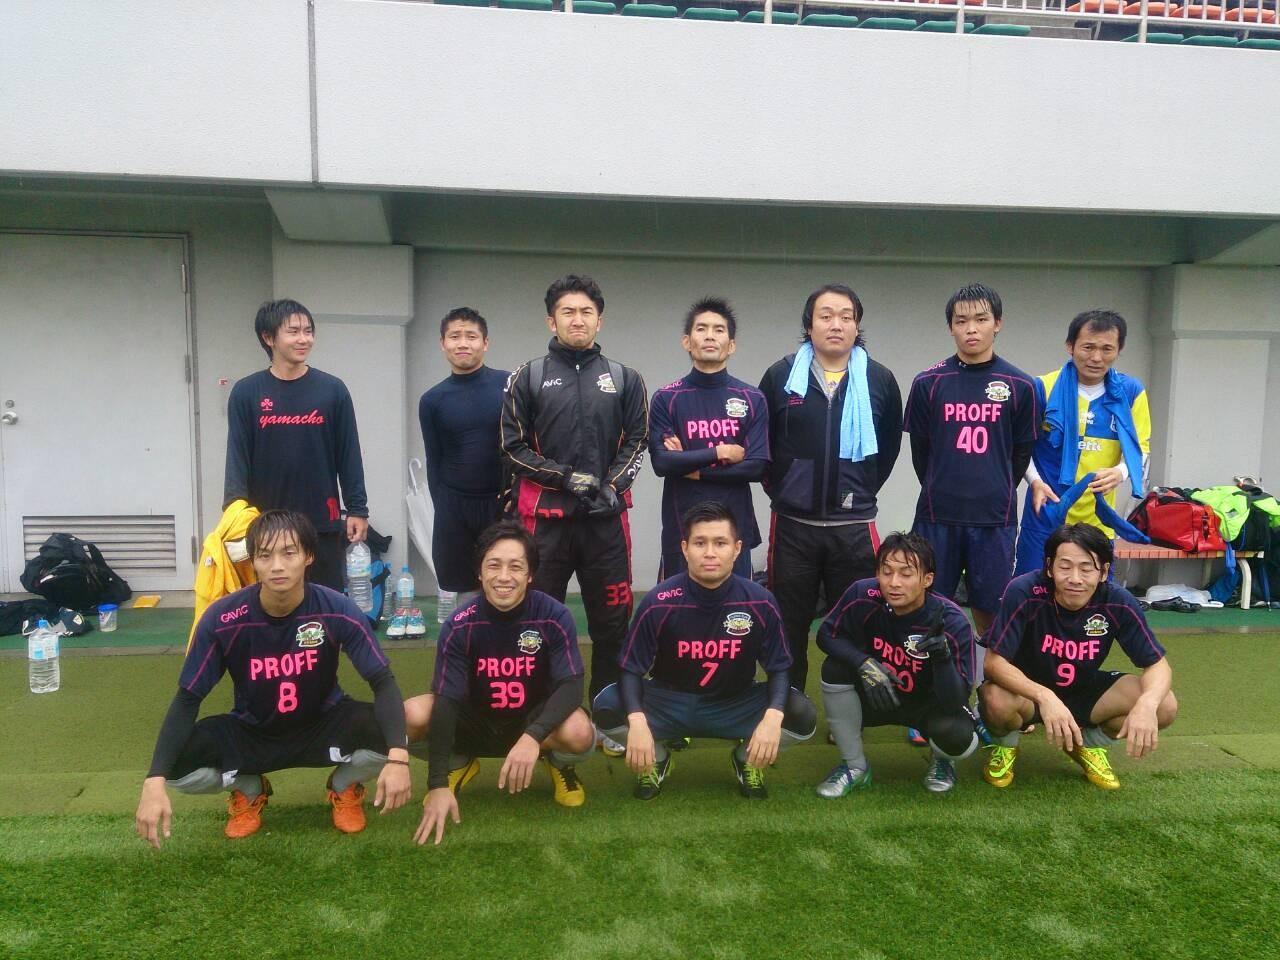 2014/11/9 南津守さくら公園人工芝サッカー場 vs 和泉クラブ vs 貝塚FC